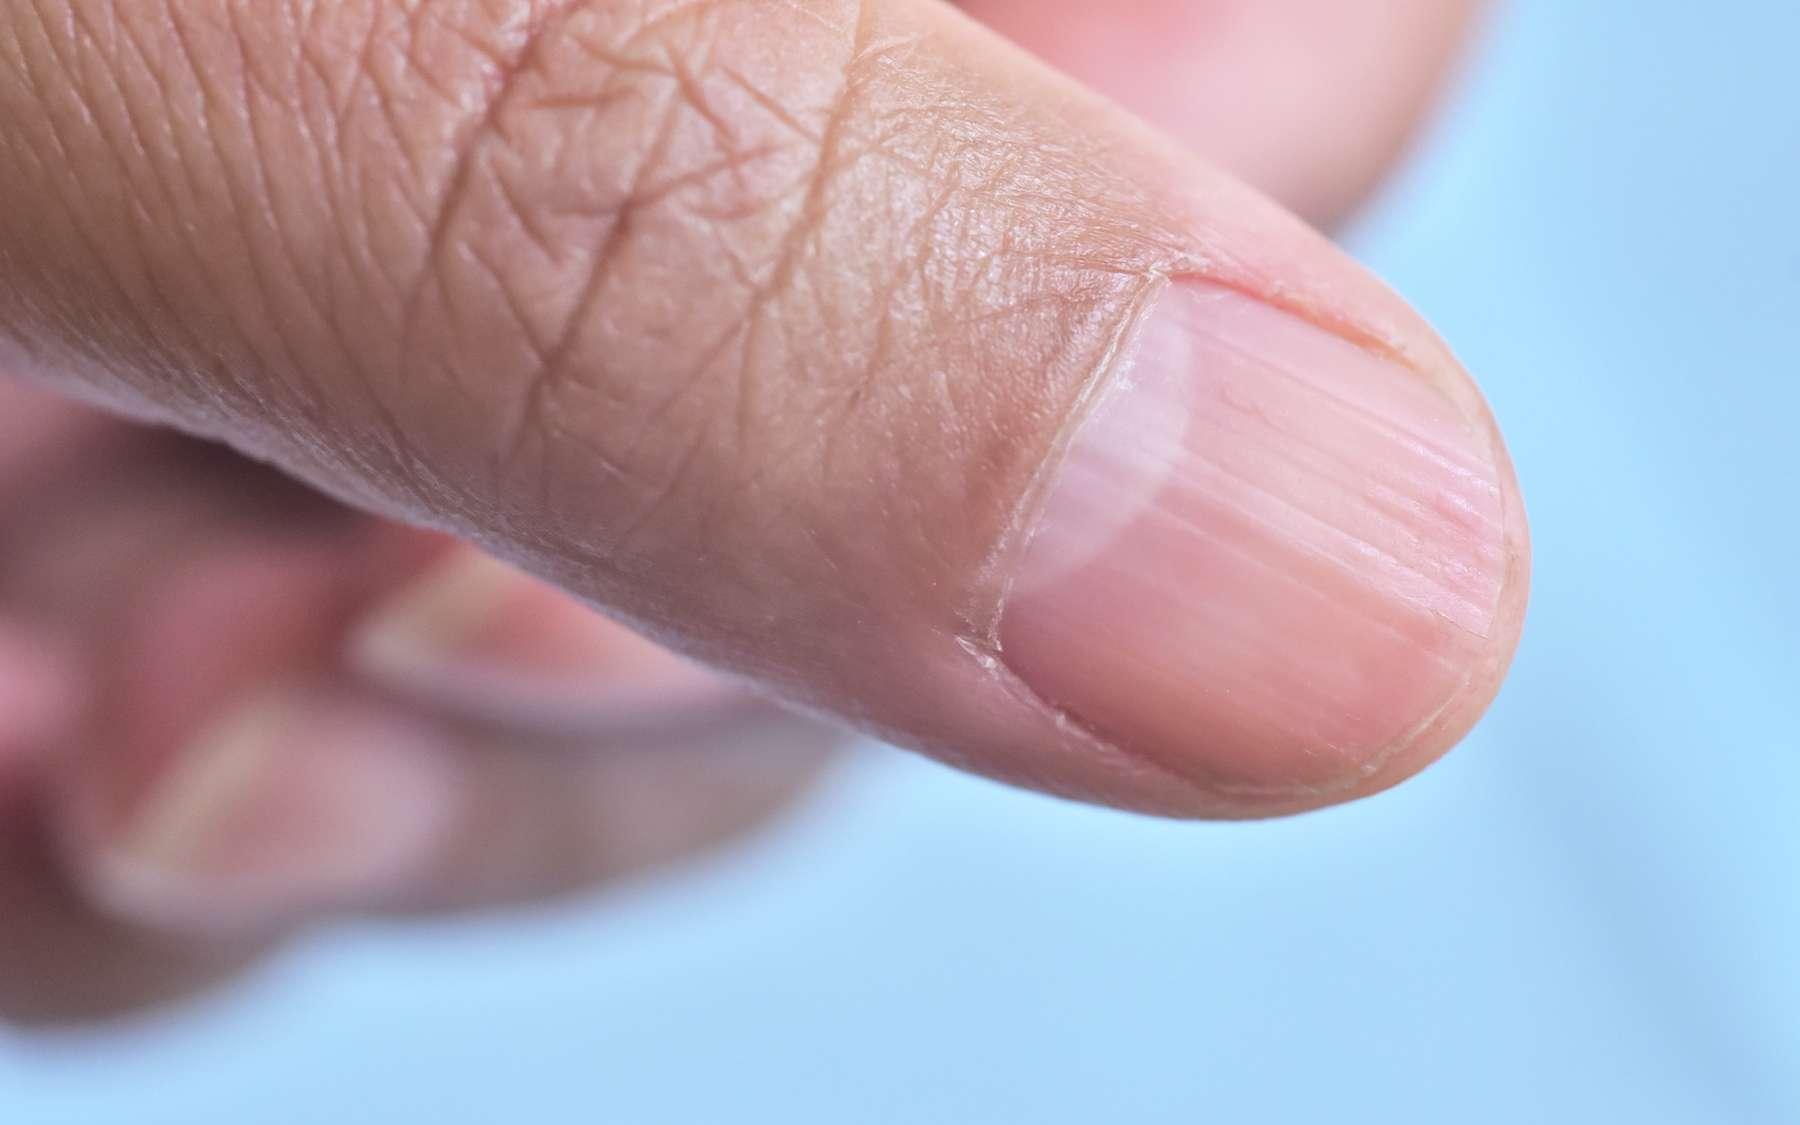 Ongle strié : un indicateur de la santé générale. © naowarat, Adobe Stock